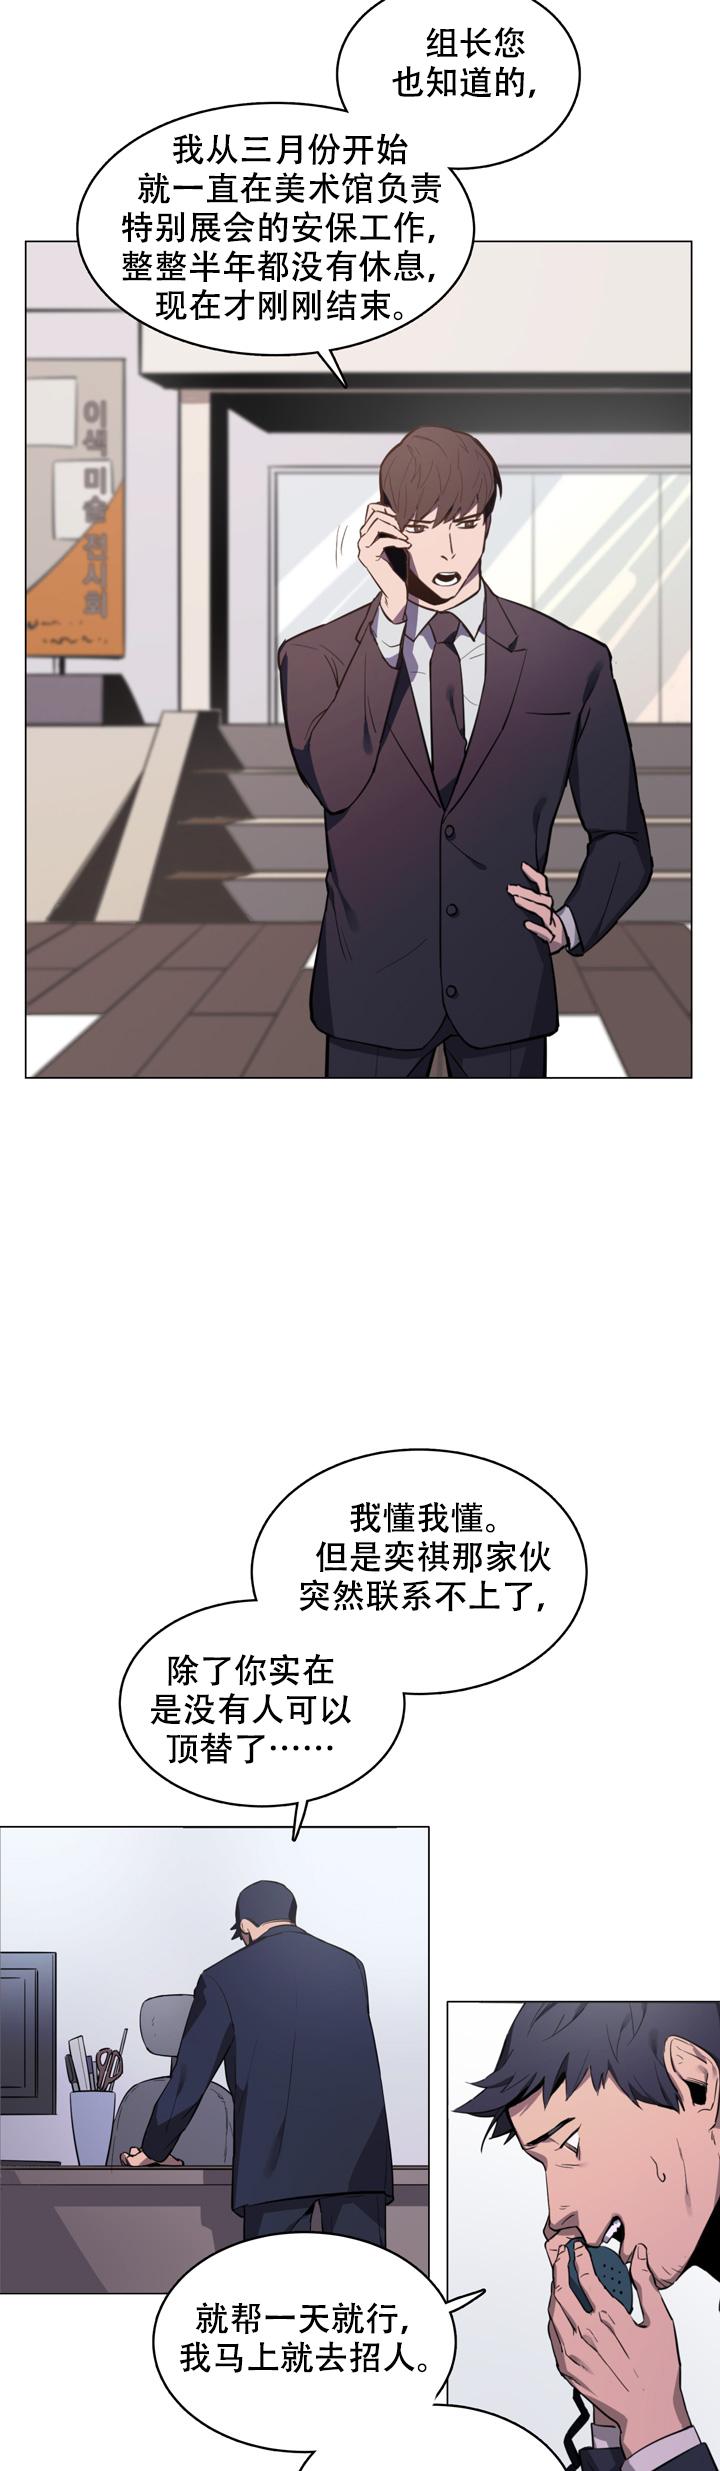 韩漫 |《甜蜜暴击》成为大明星的甜心保镖!  第3张